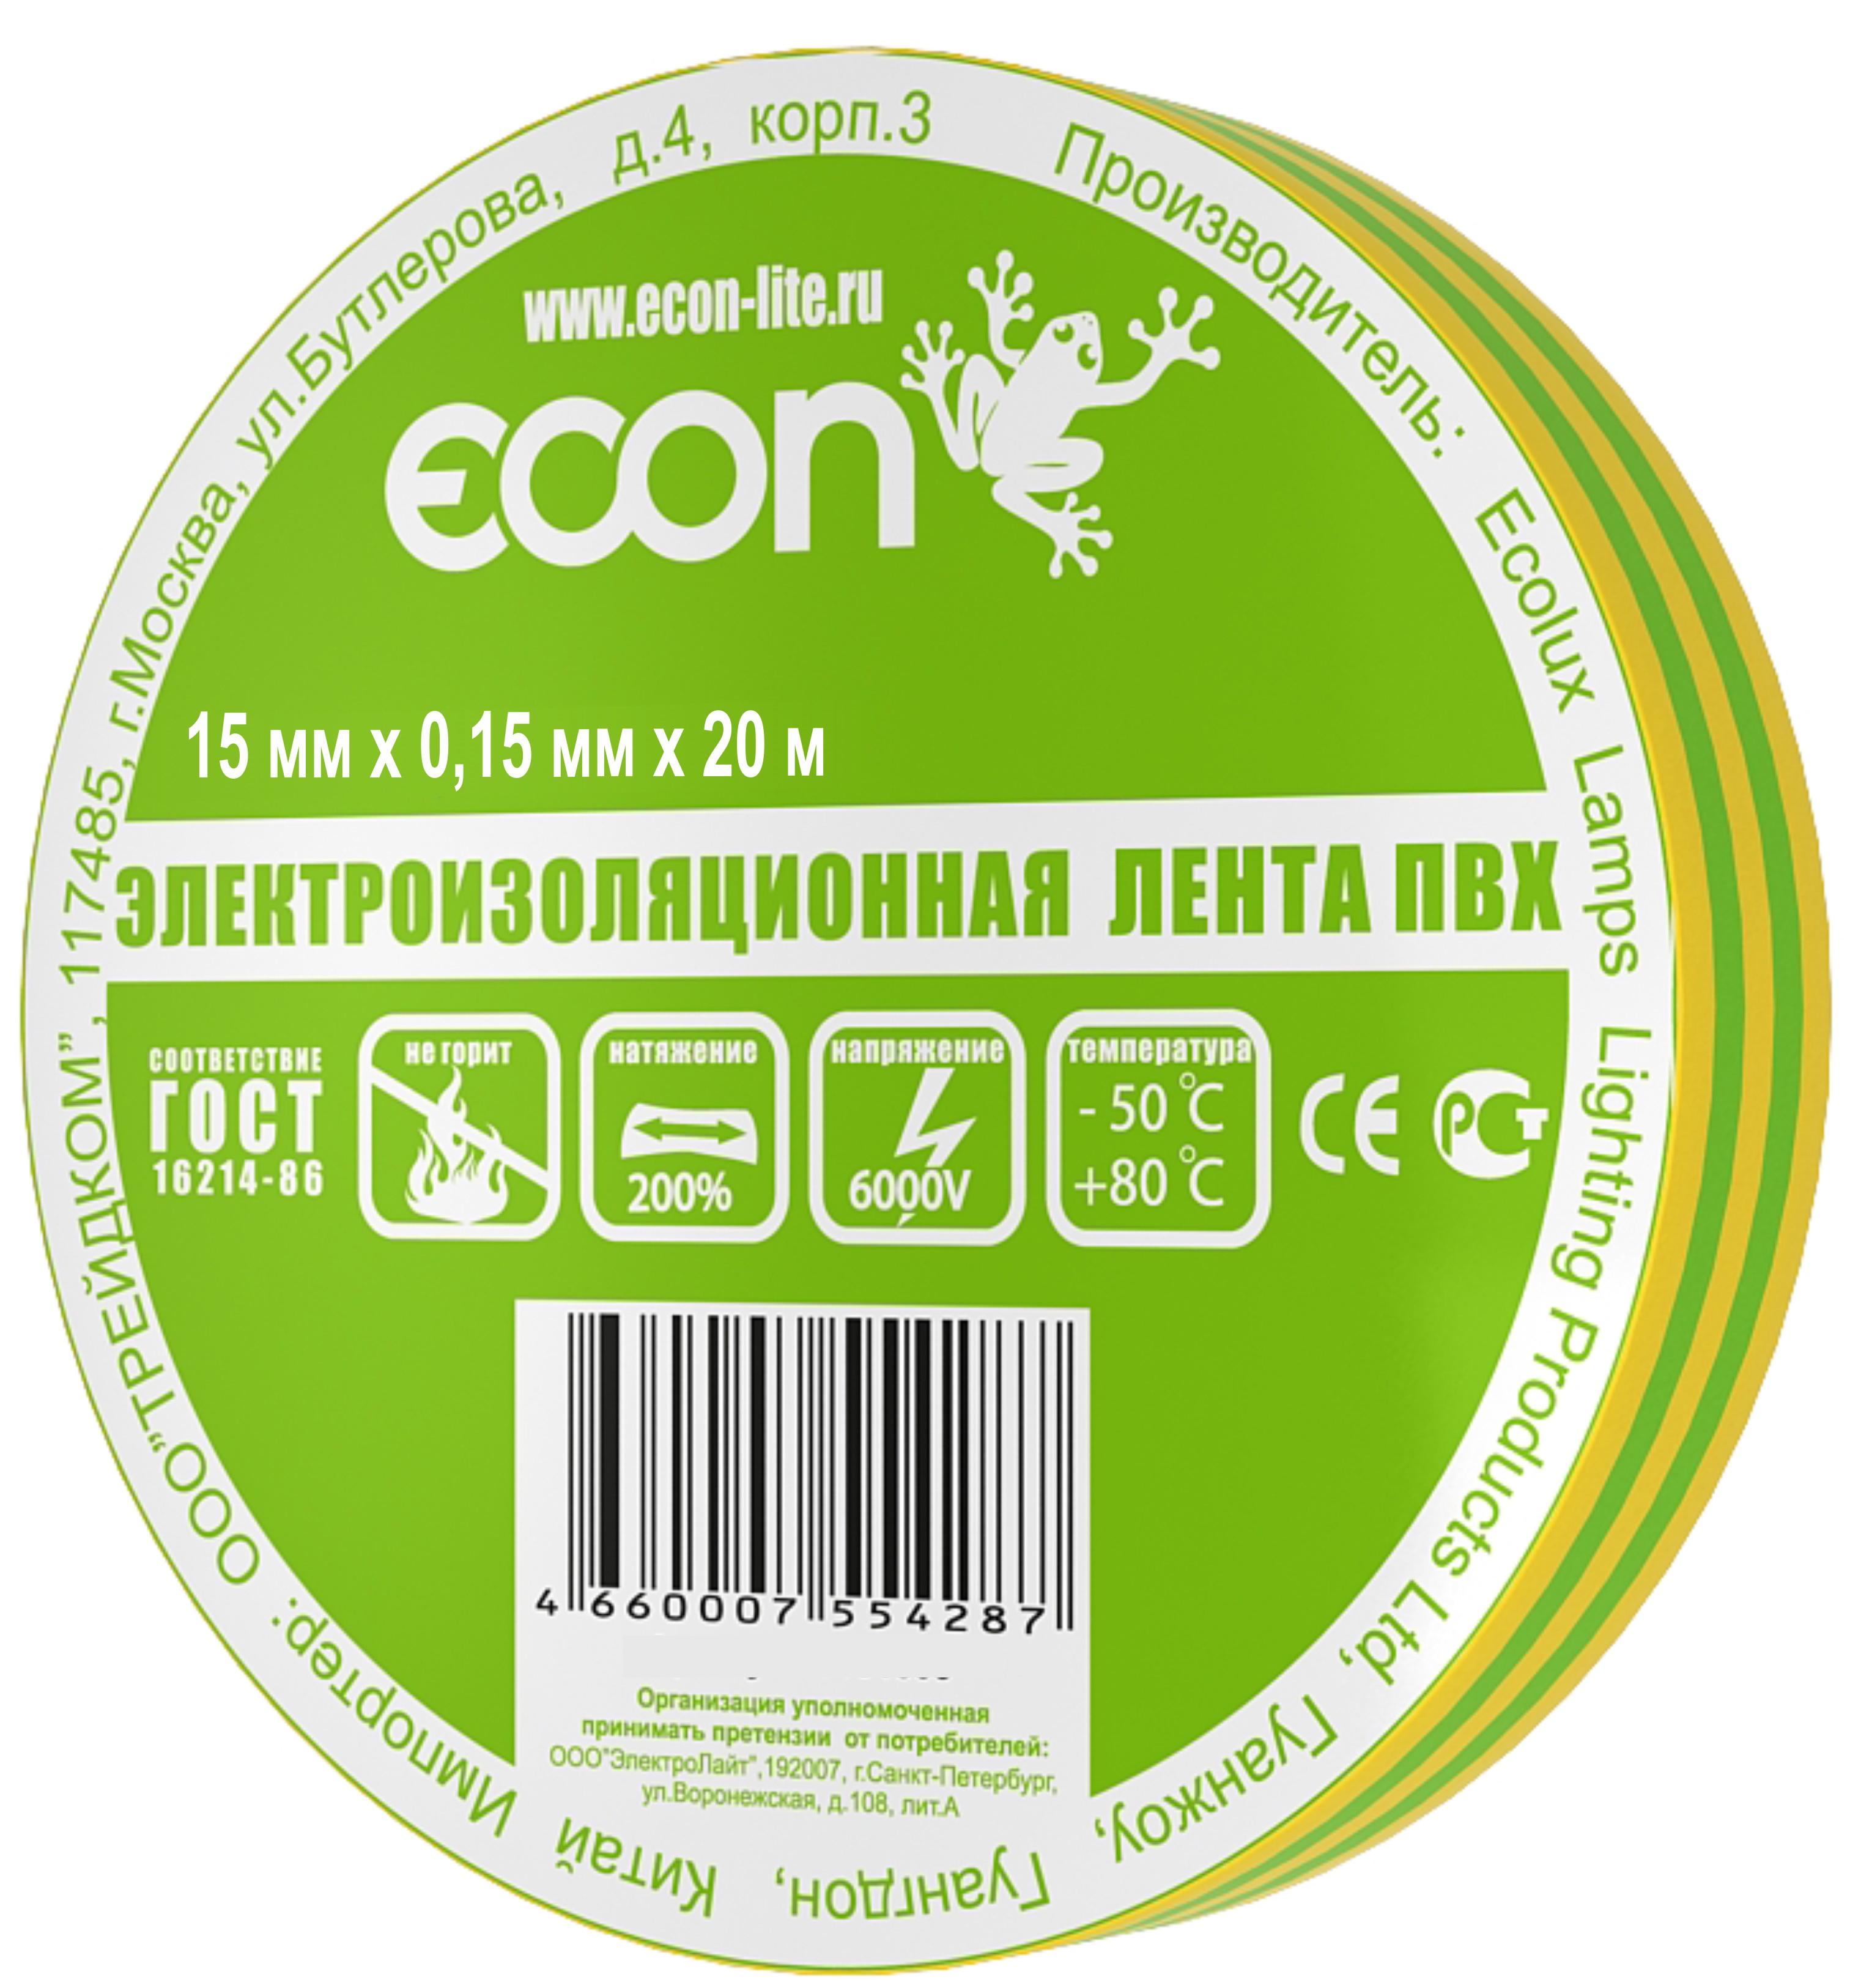 15/20  желто-зеленый 220 Вольт 26.000